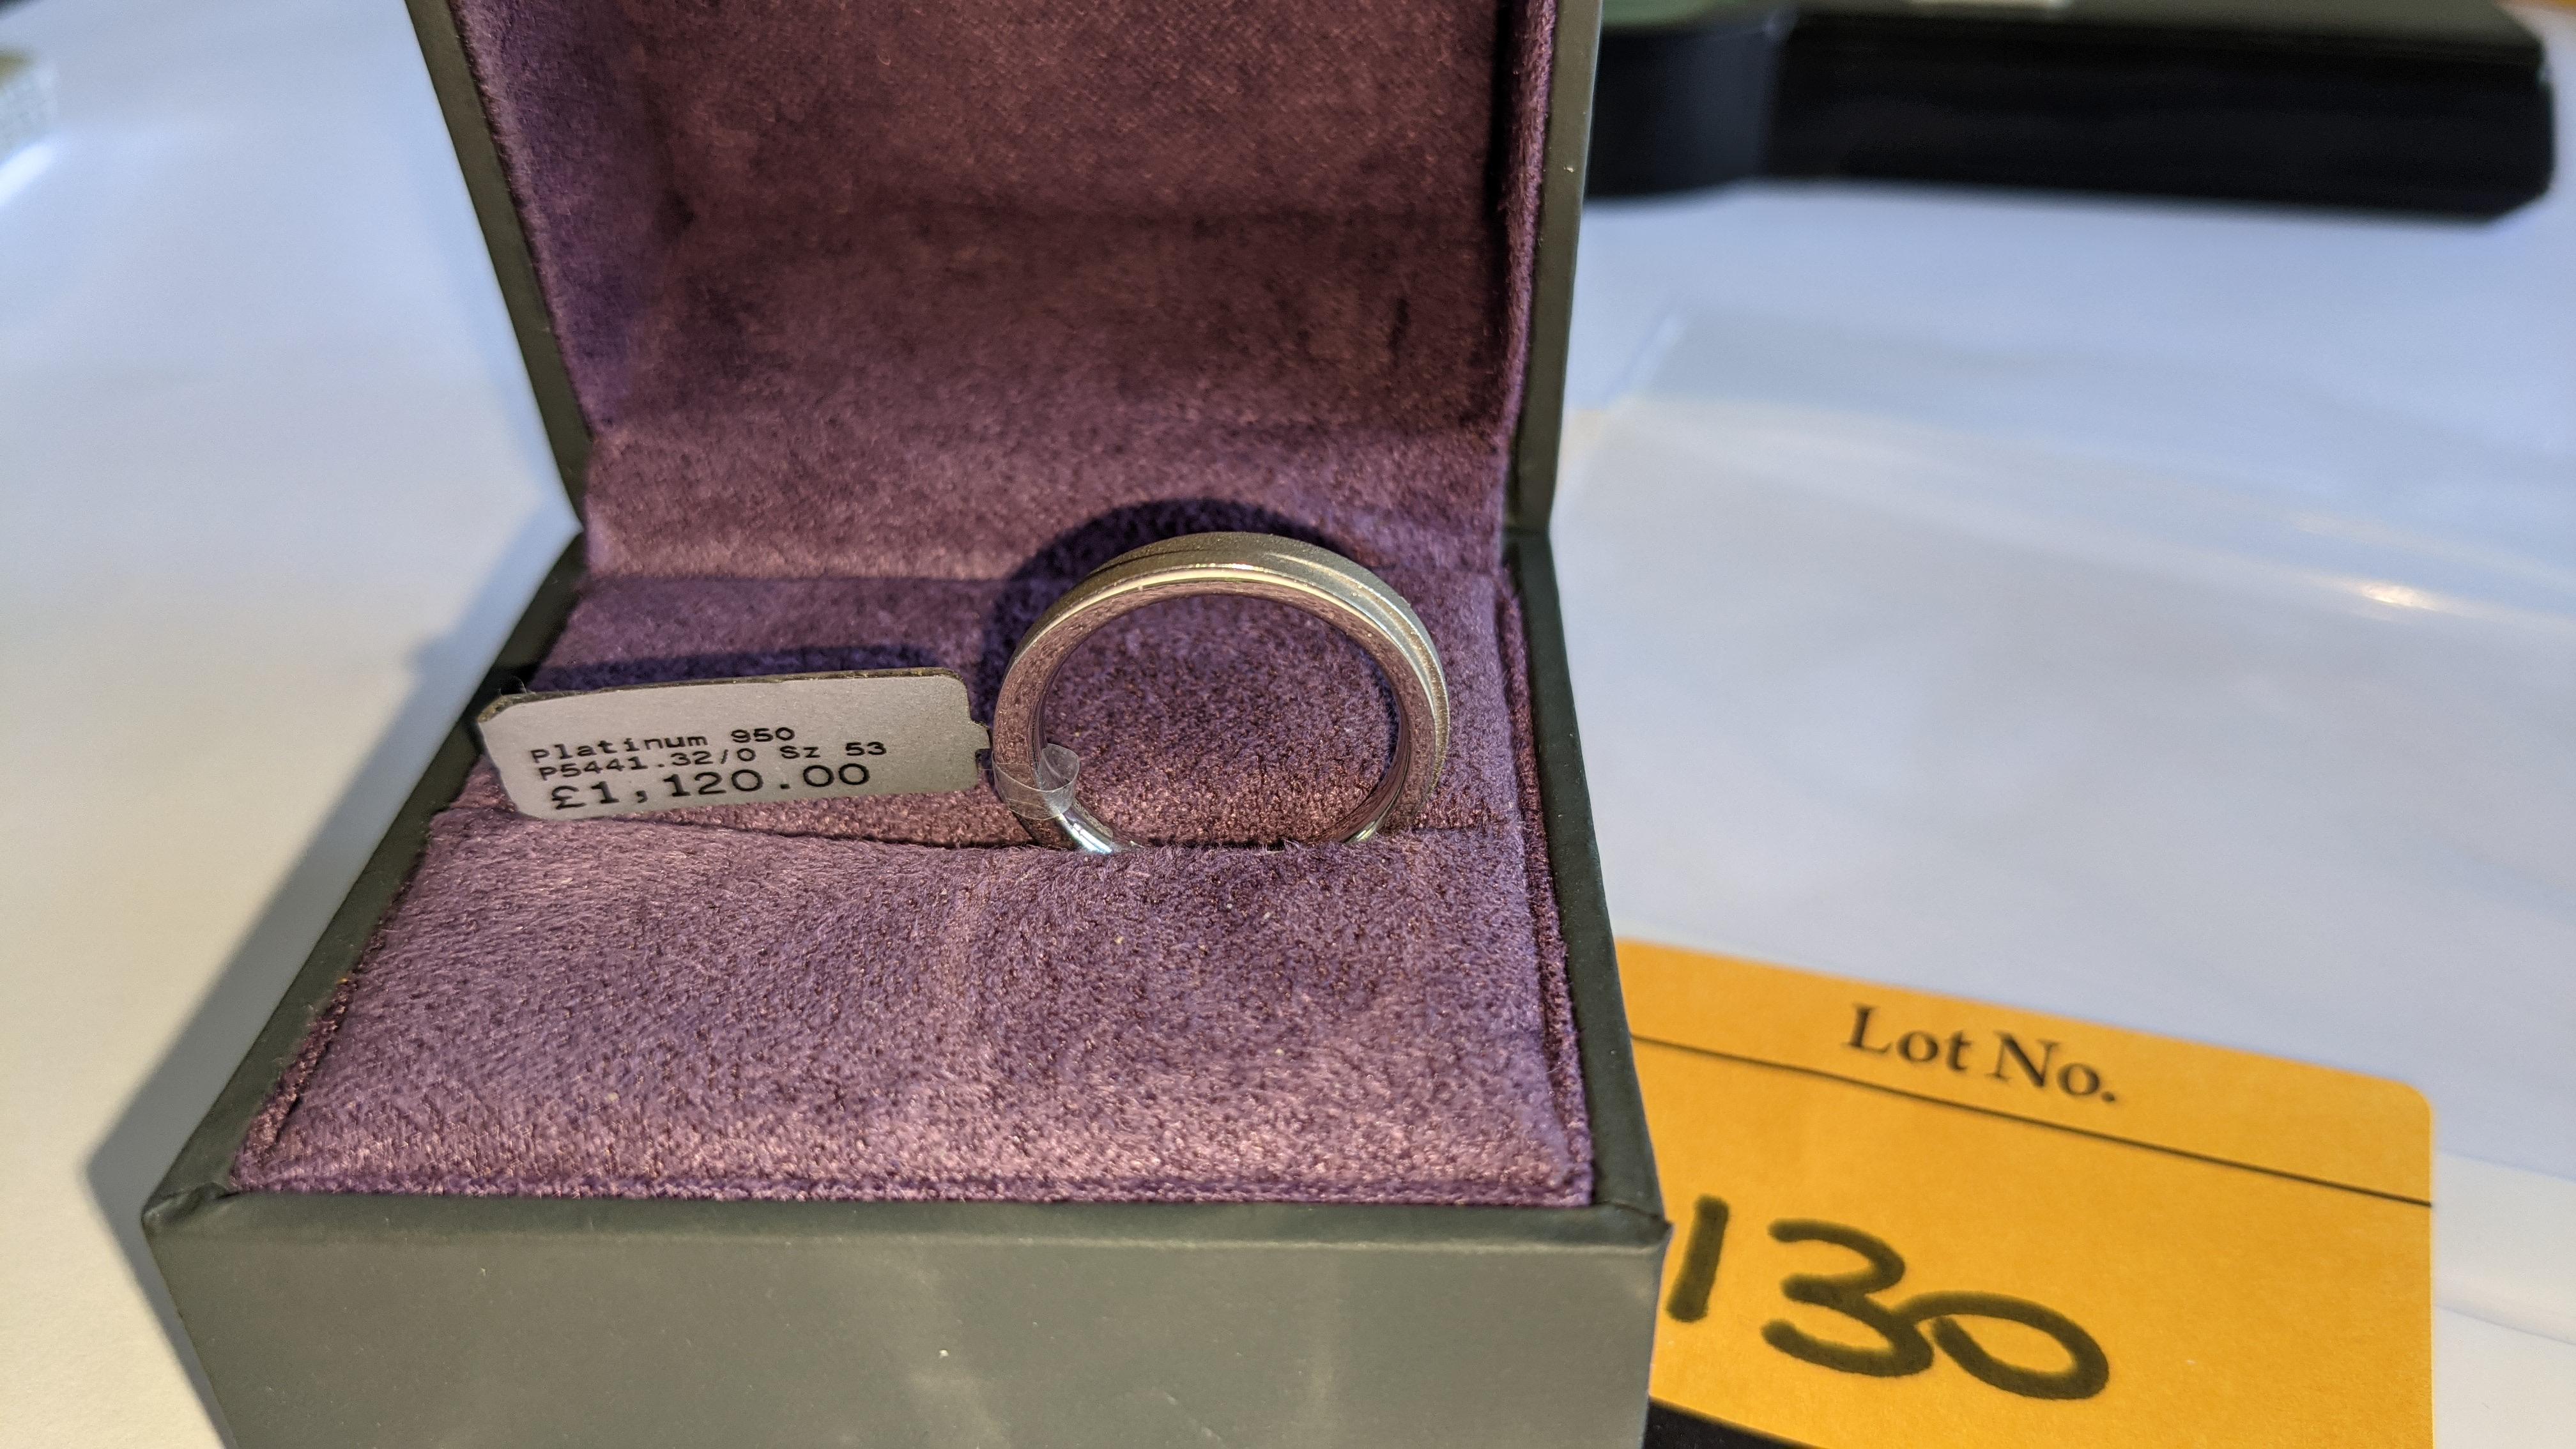 Platinum 950 wedding ring. RRP £1,120 - Image 5 of 13